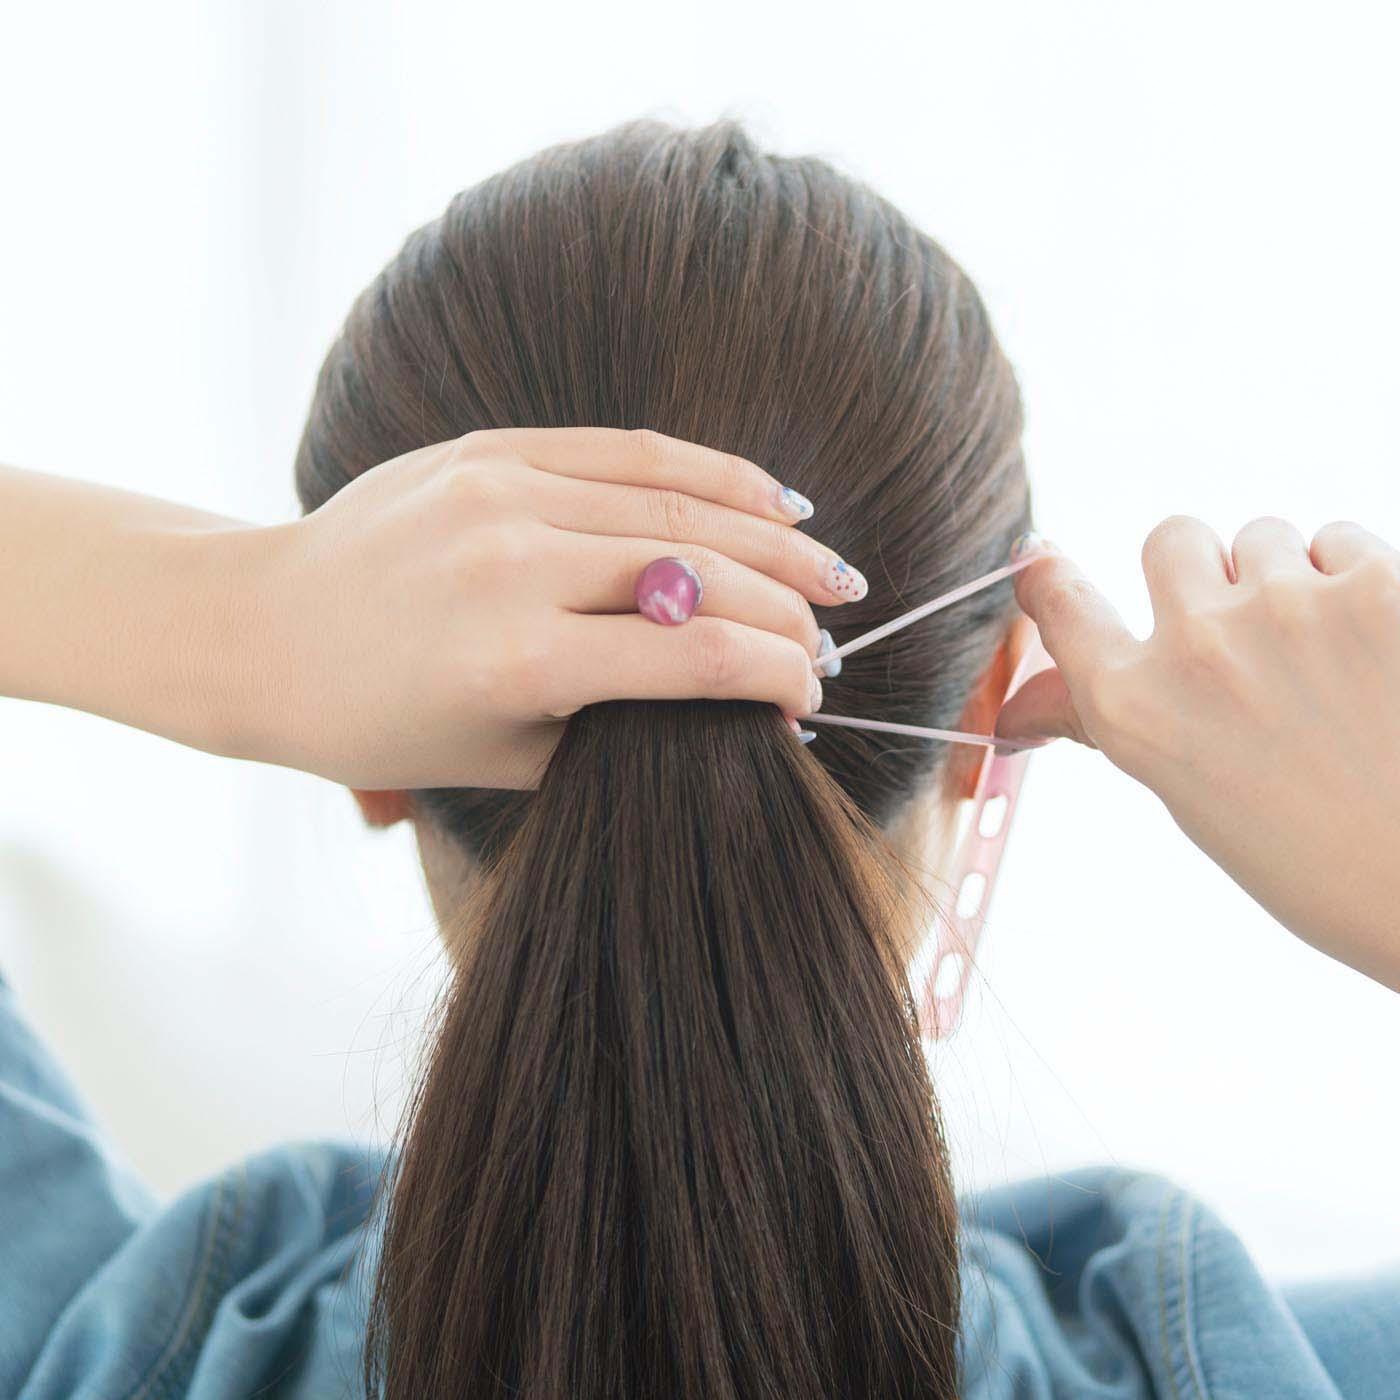 〔使い方はとっても簡単!〕 髪をまとめてつかんでいるほうの指で球をはさみ、ヘアゴムをぐるりと1回巻き、いちばん大きな穴に通して固定します。